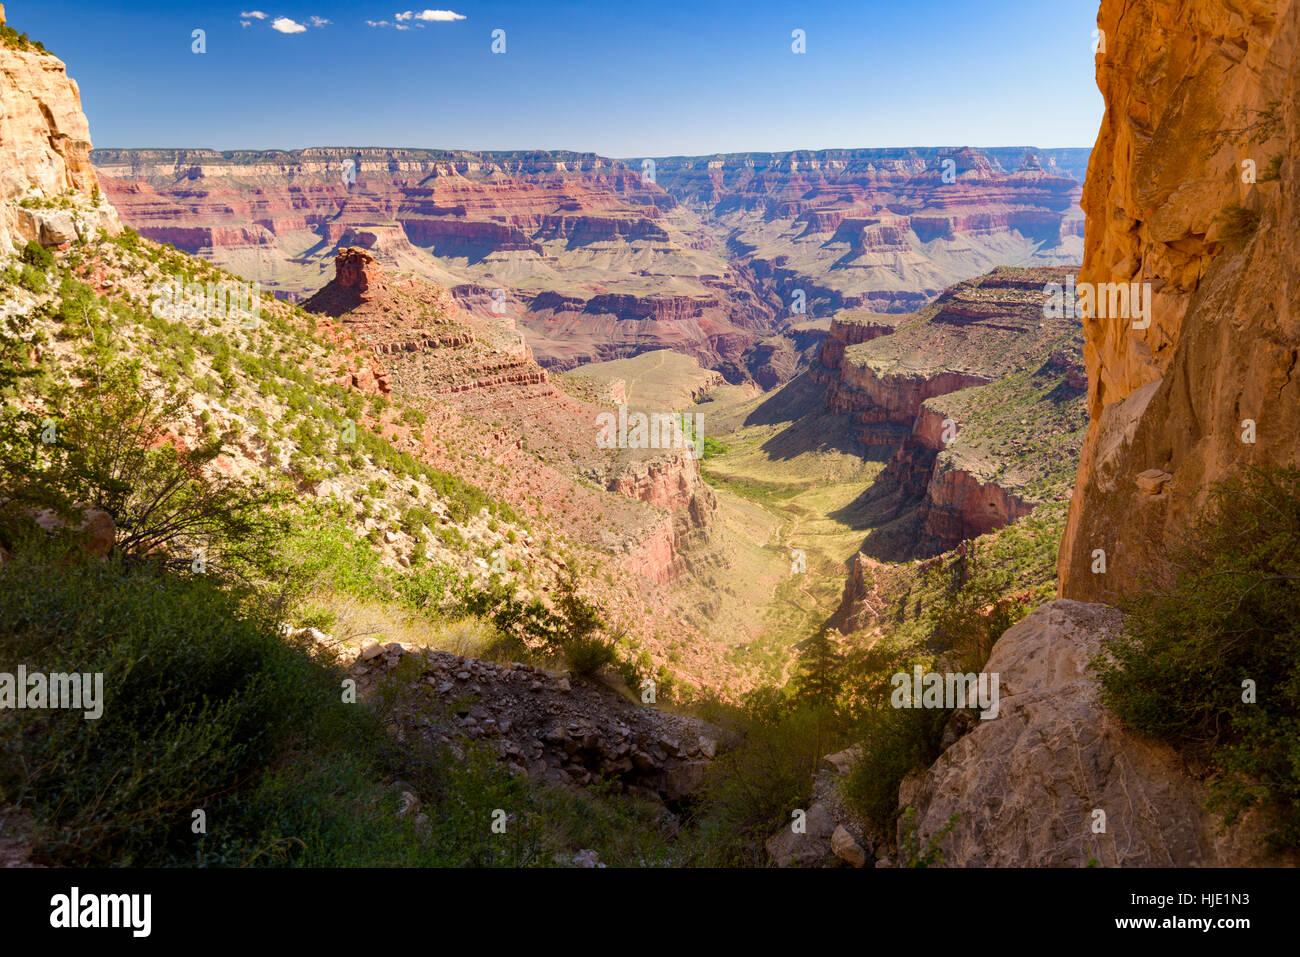 Vista desde el sendero Bright Angel, el Parque Nacional del Gran Cañón, Arizona, EE.UU. Imagen De Stock